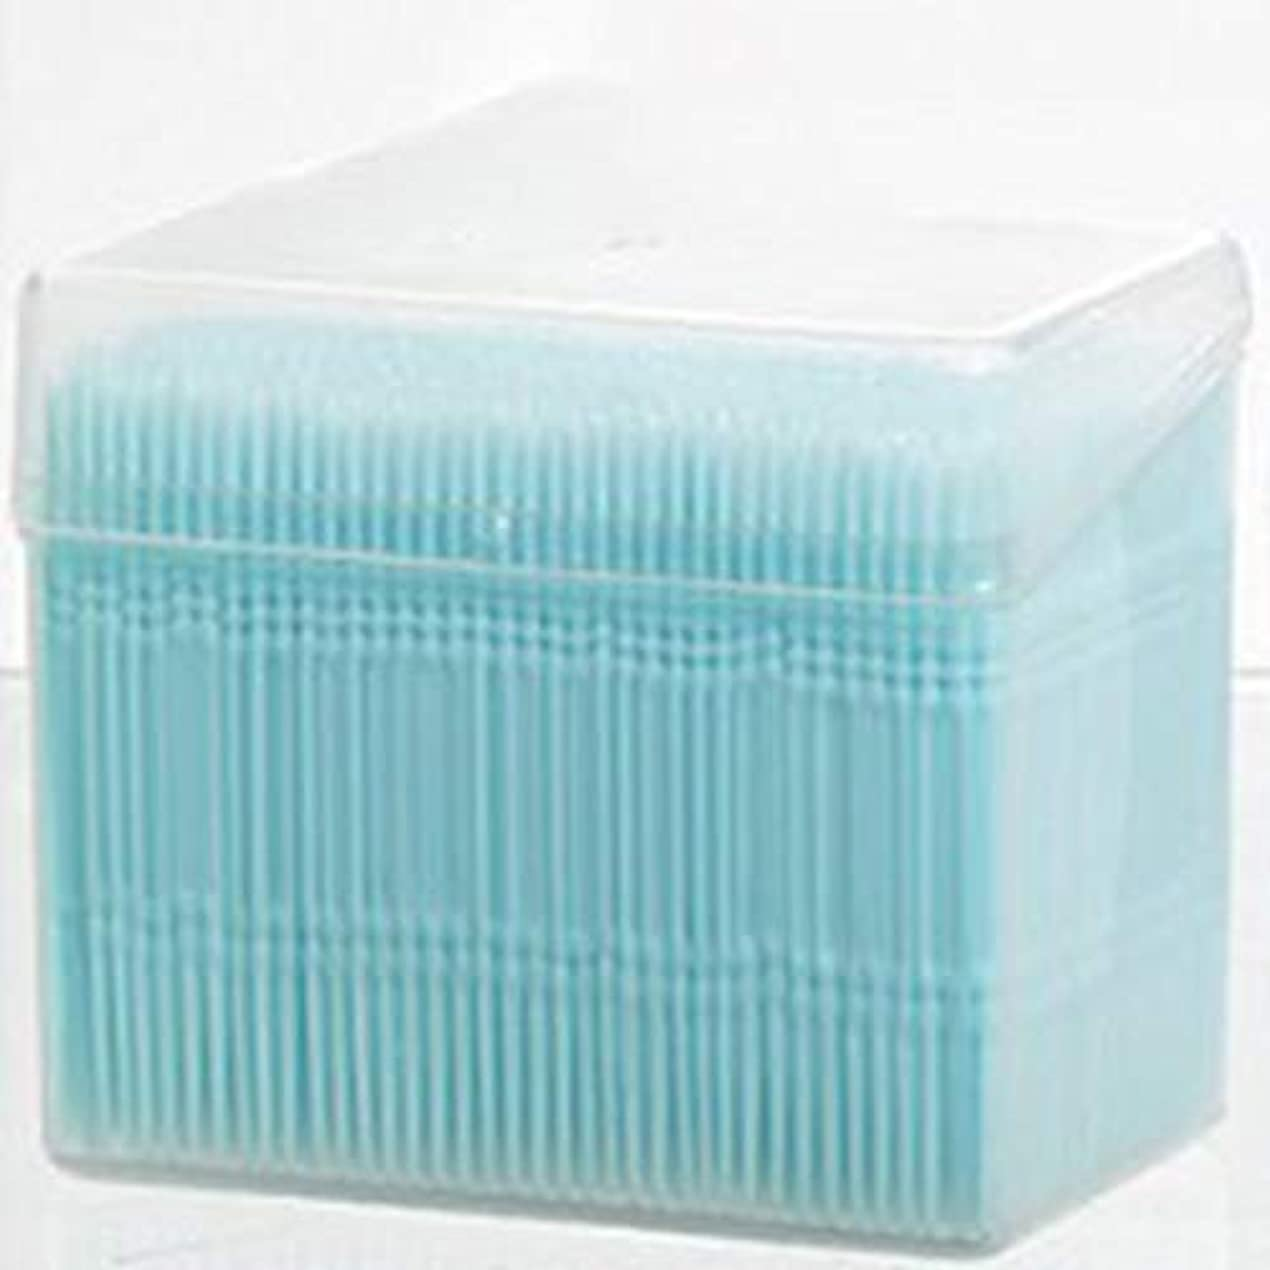 不利無駄な不良1100ピース/セットダブルヘッド使い捨て歯フロス衛生デンタルフロス歯間つまようじ健康用歯のクリーニングオーラルケア(Color:blue)